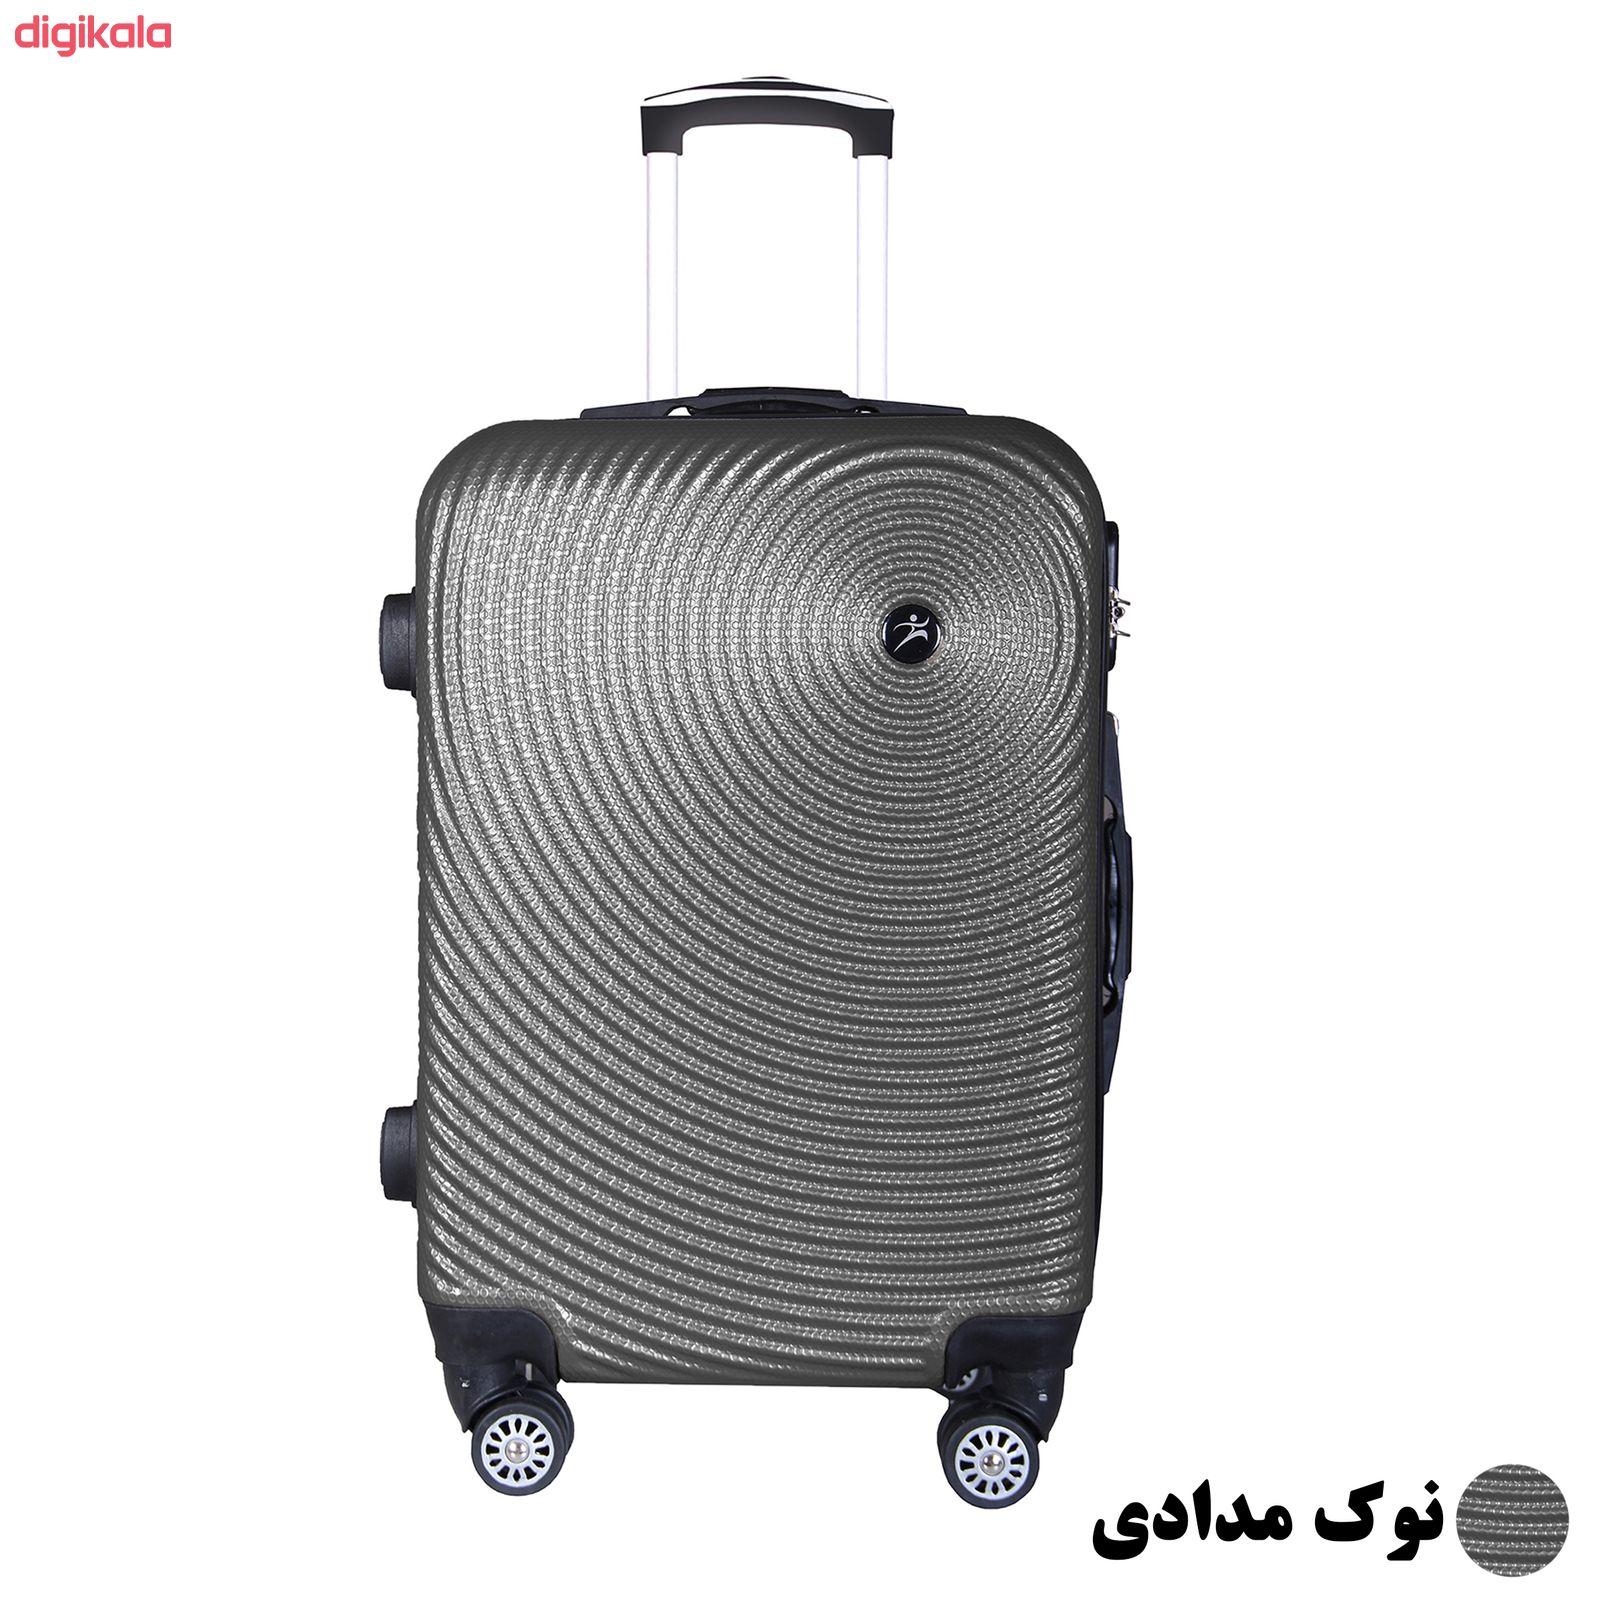 مجموعه چهار عددی چمدان اسپرت من مدل NS001 main 1 9